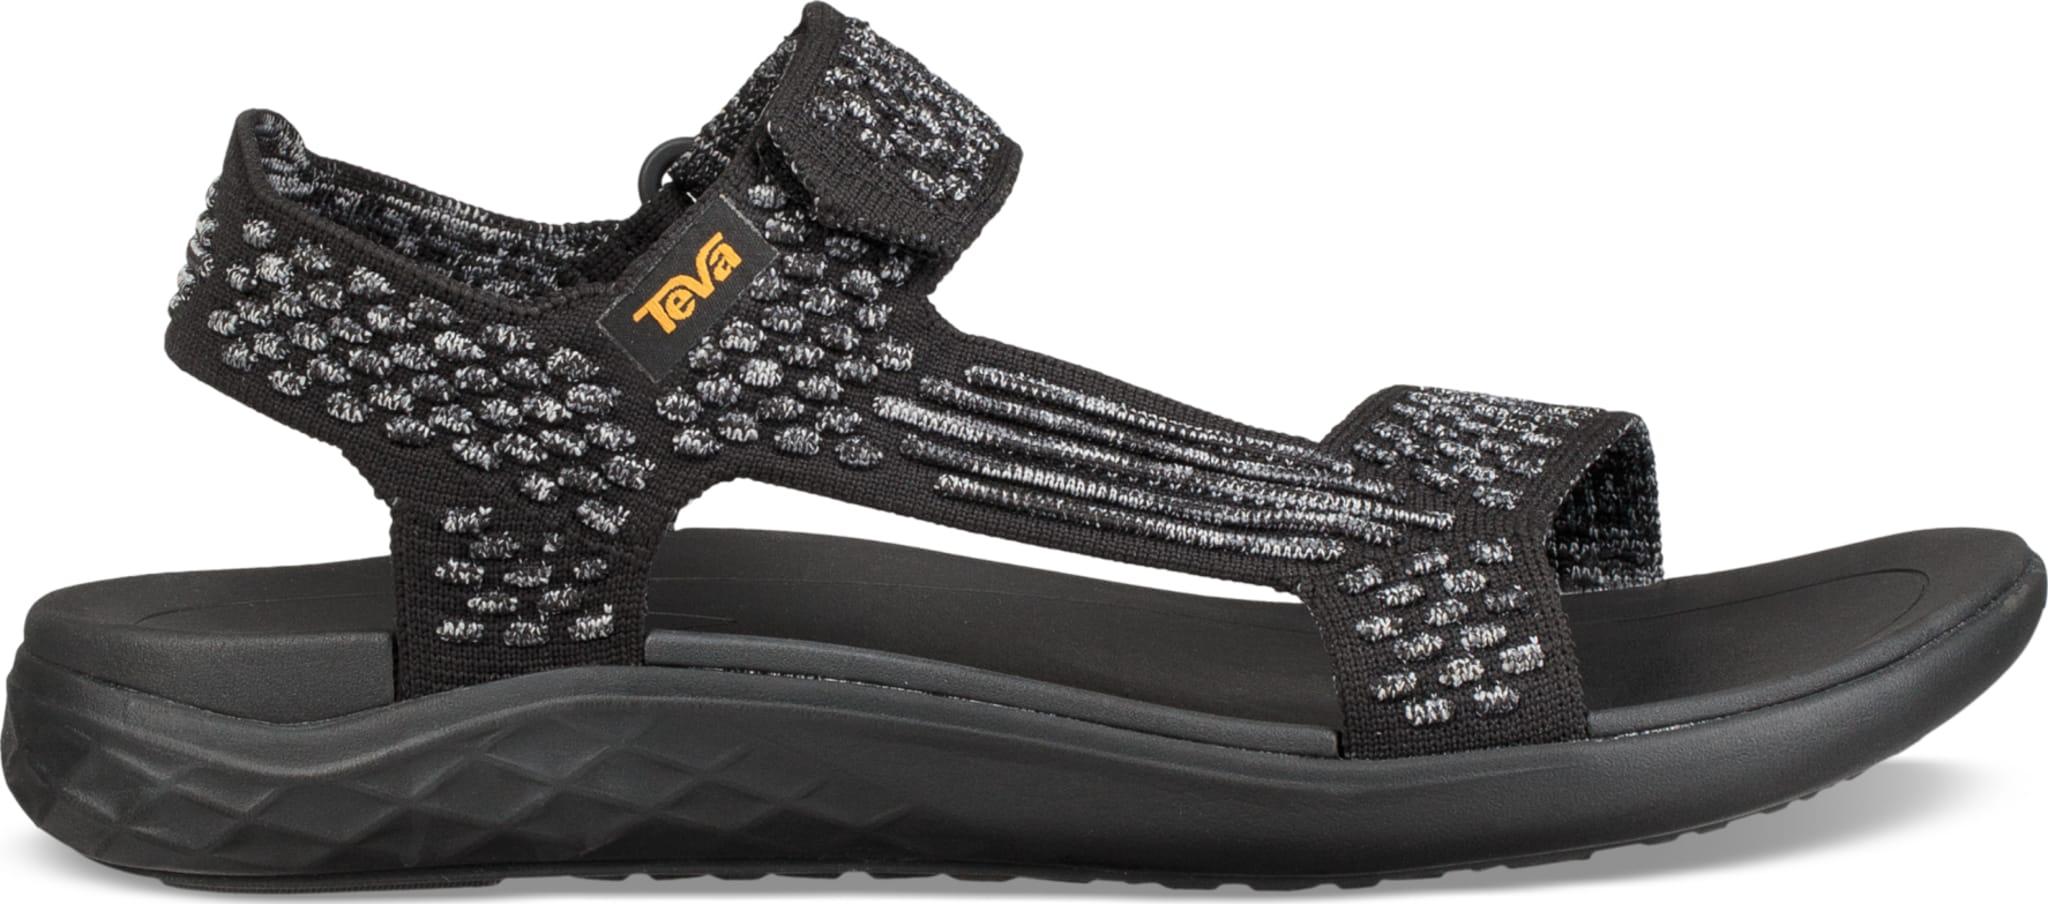 Lett og elegant sandal med vevd overdel